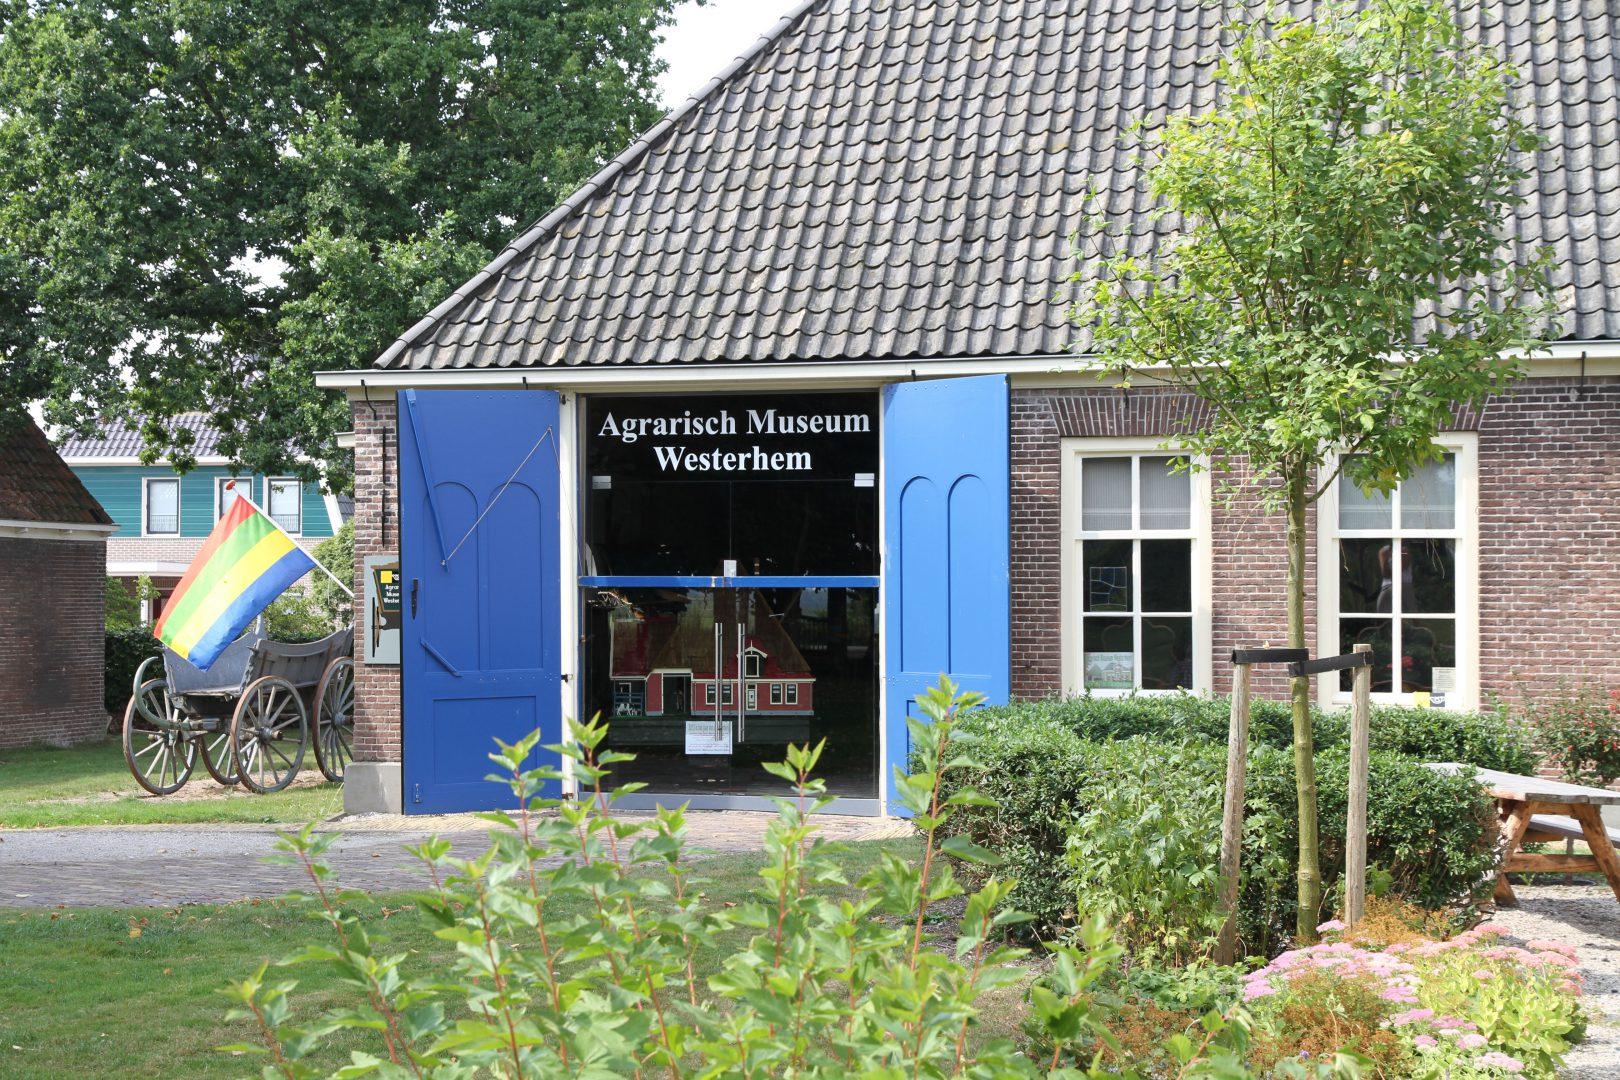 Agrarisch Museum Westerhem